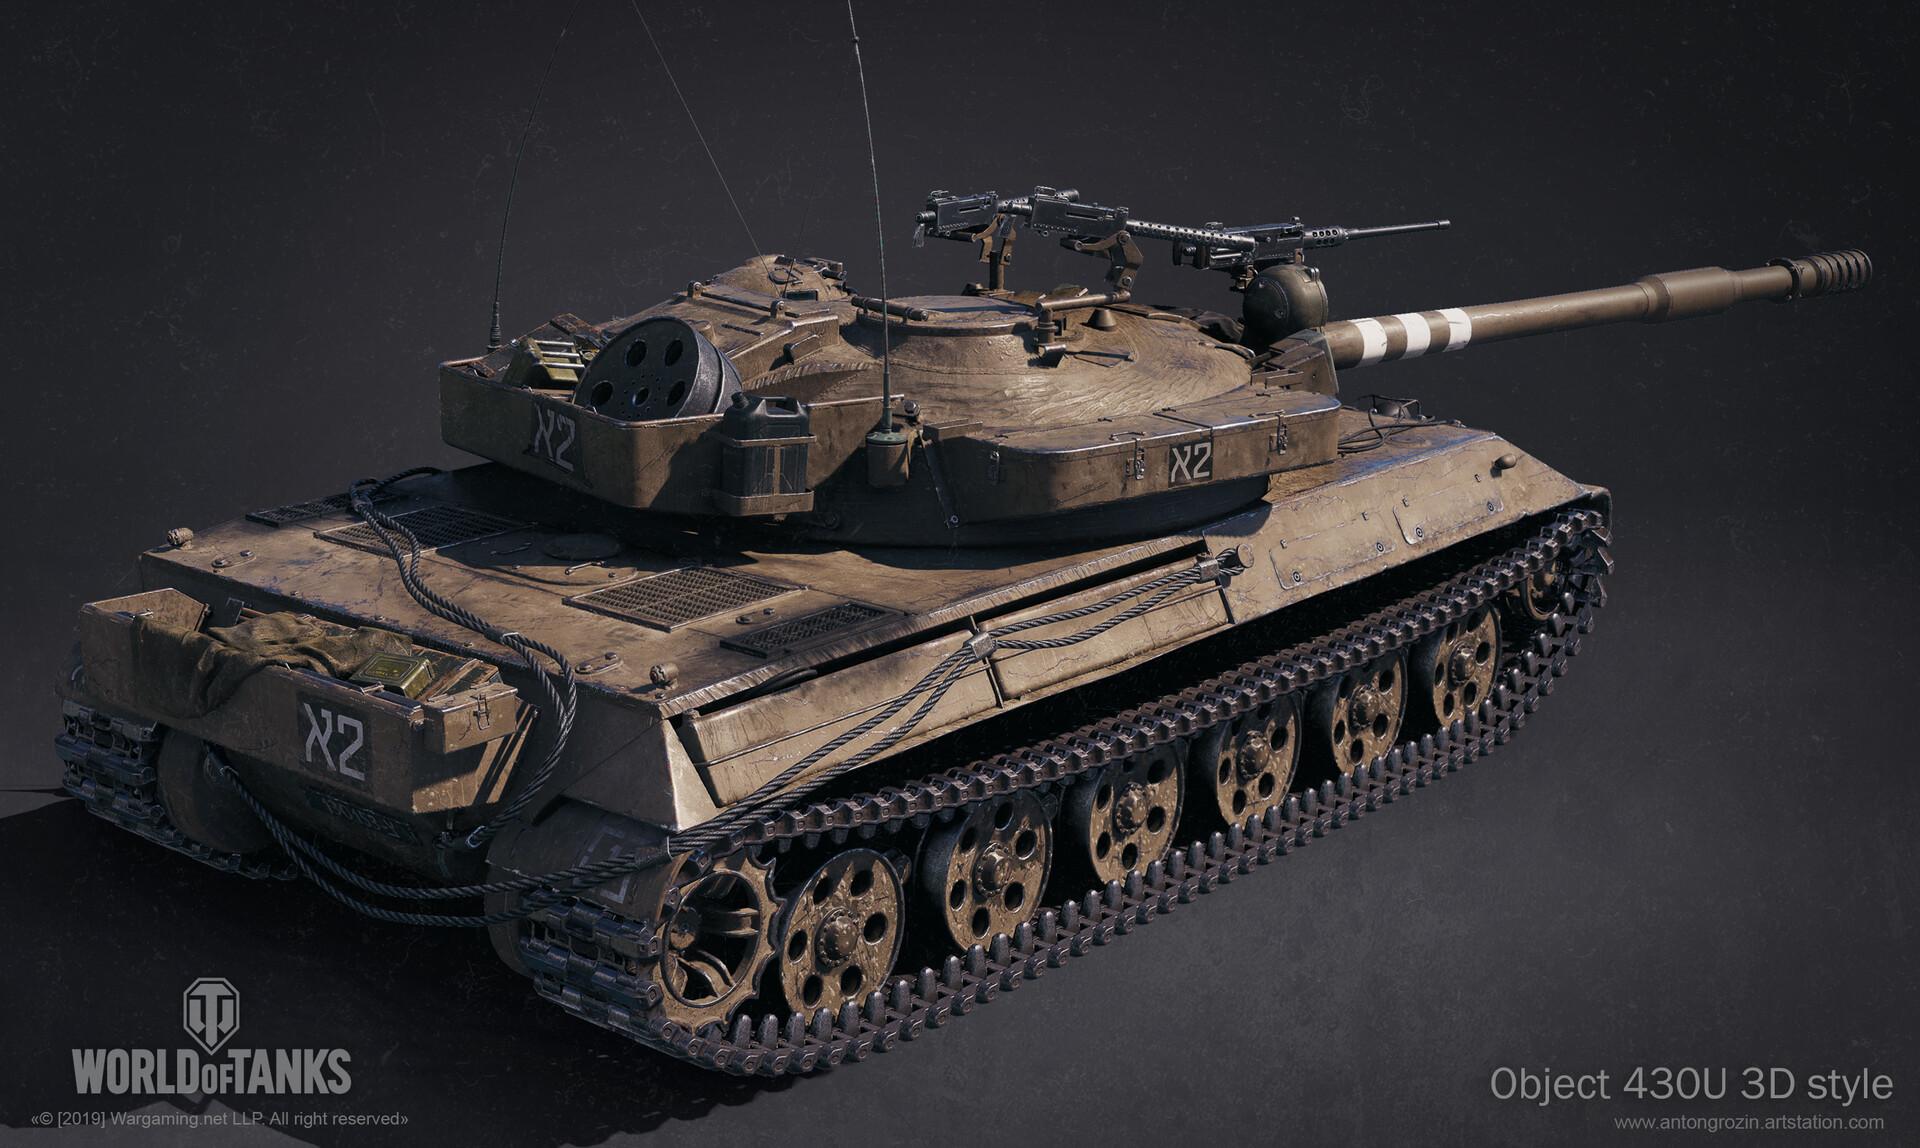 Anton-grozin-object-430u-3d-style-3